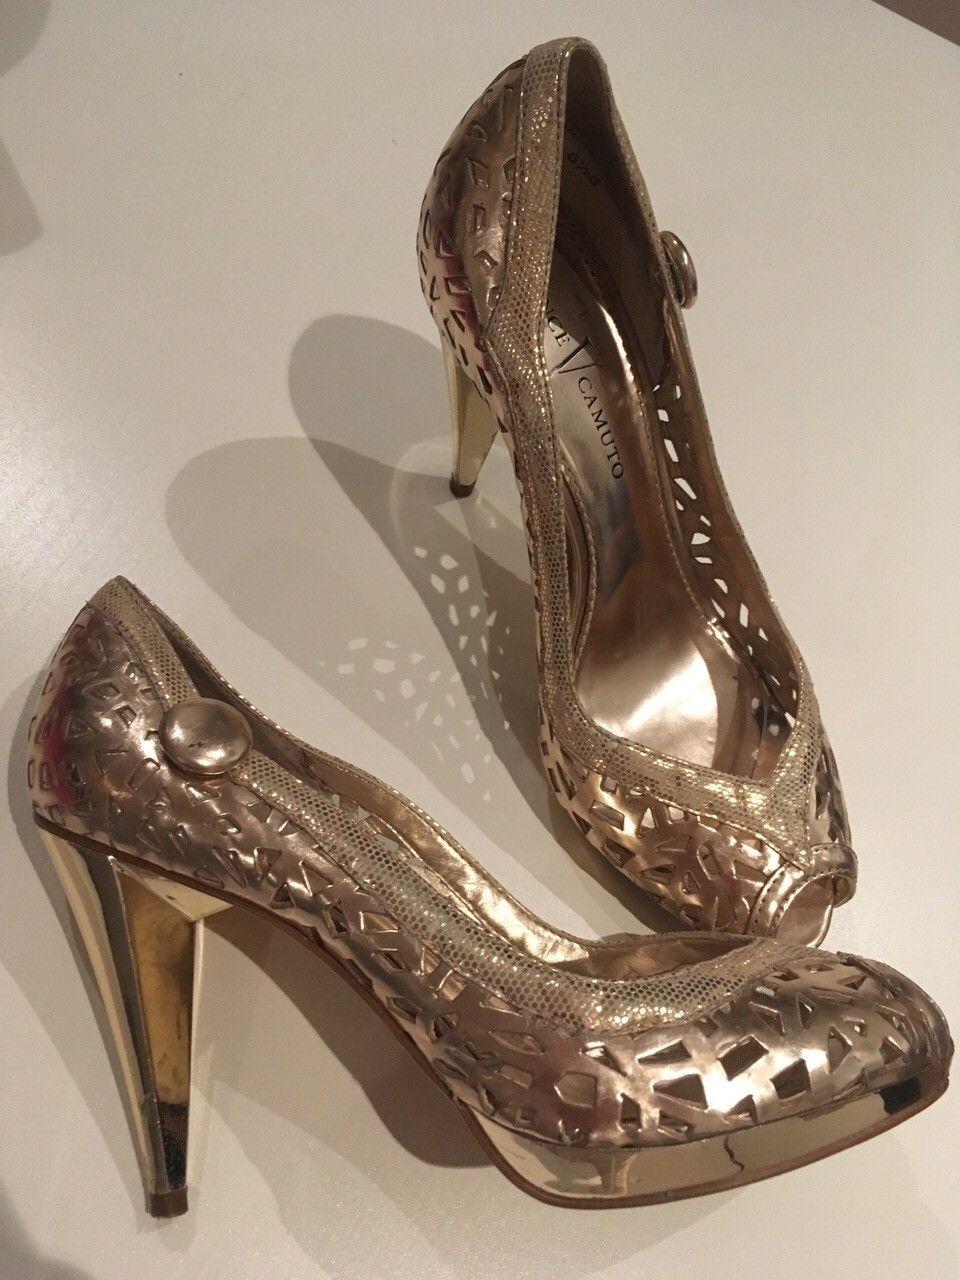 Gull-sko fra Vince Camuto - Bergen  - Stilige gull-sko selges billig. Perfekt til kommende julebordsesong :)   Brukt et par ganger, så de er i god stand med et par mini-skavanker.   Str: EU 36,5   Sender gratis :) - Bergen